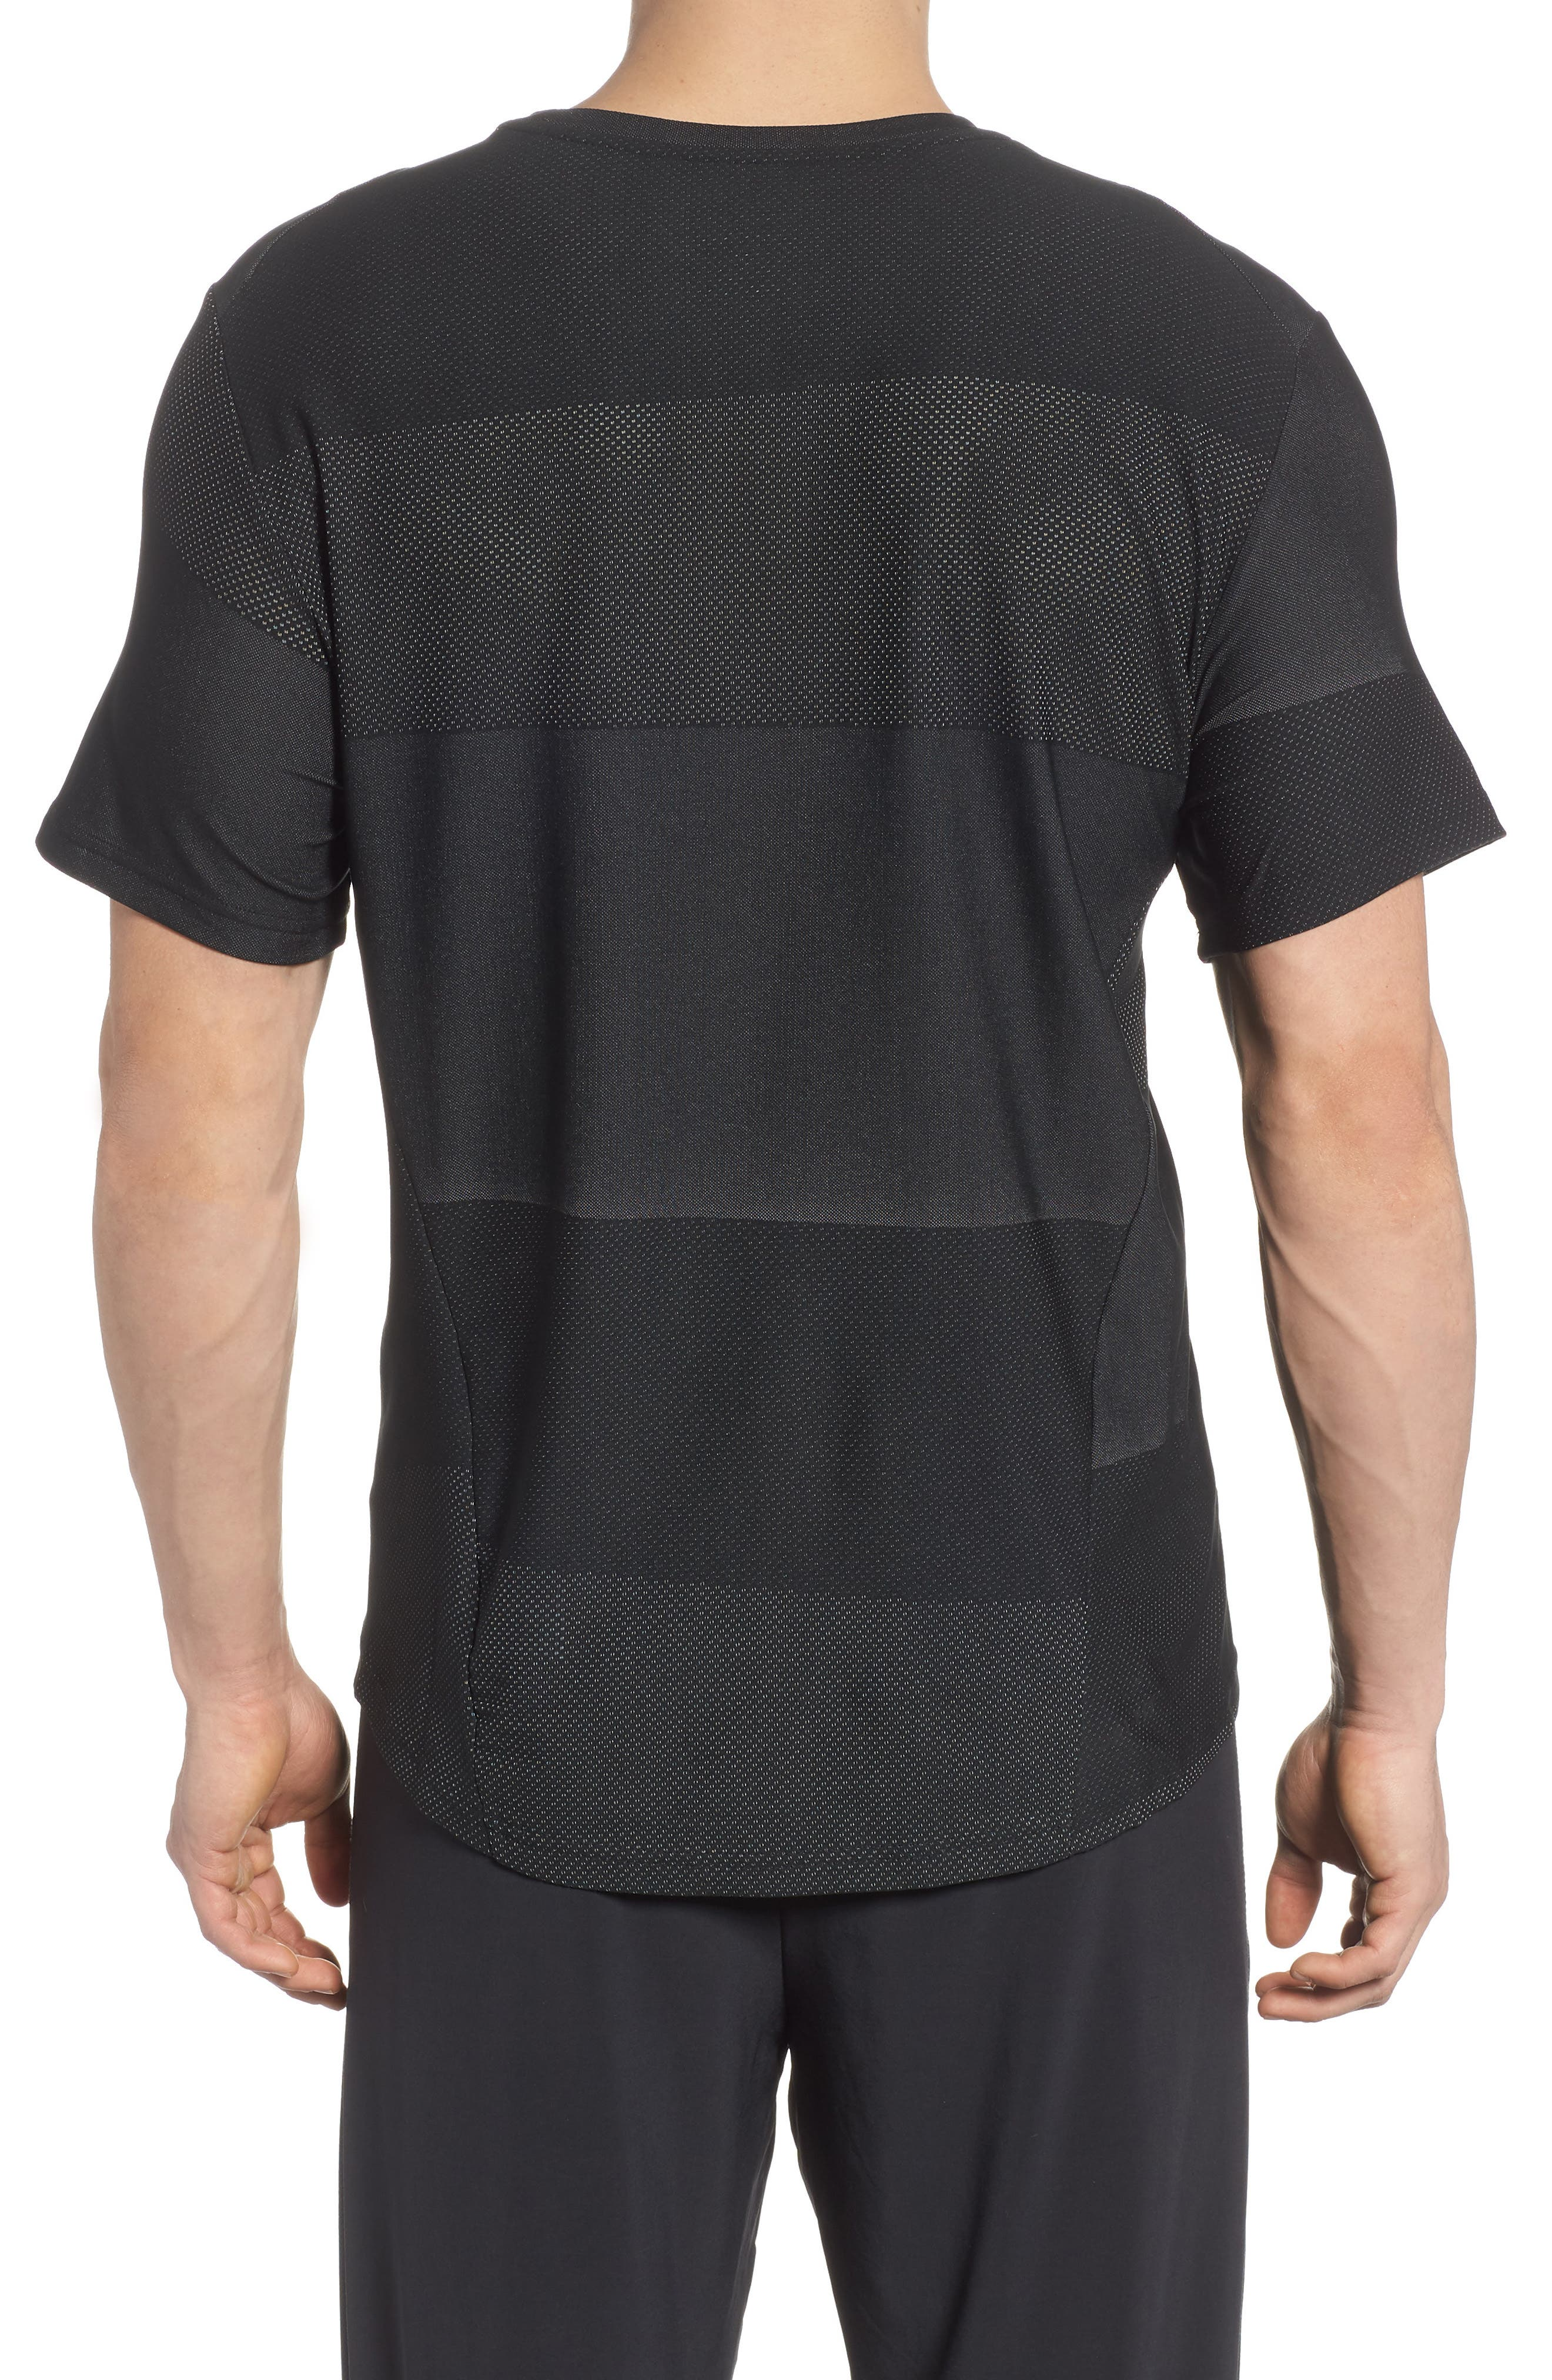 Crewneck Mesh T-Shirt,                             Alternate thumbnail 2, color,                             Black/ White/ Mtlc Hematite